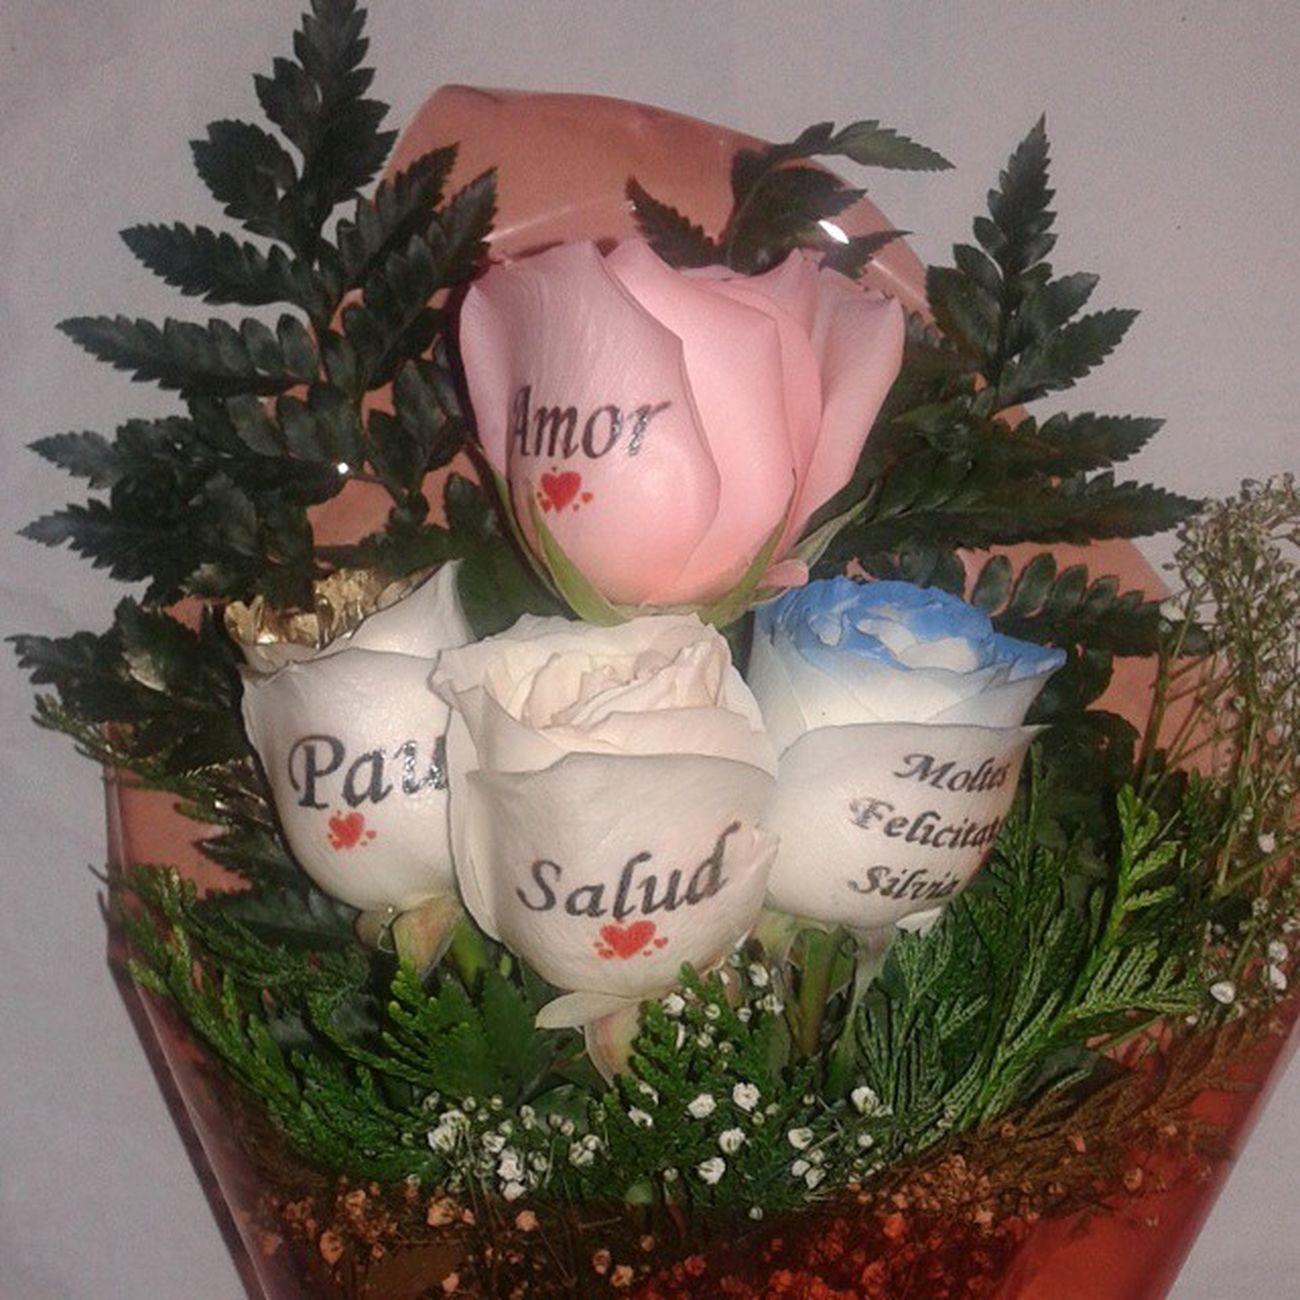 Ramo de rosas con los petalos tatuados con dedicatorias personalizadas. Http://graficflower.com Regalopersonalizado RegaloDeCumpleaños Regalodeaniversario Regalooriginal Regalarflores Ramodeflores  Ramoderosas Ramosderosas Ramosdeflores Rosasazules Rosaadomicilio Rosaazul